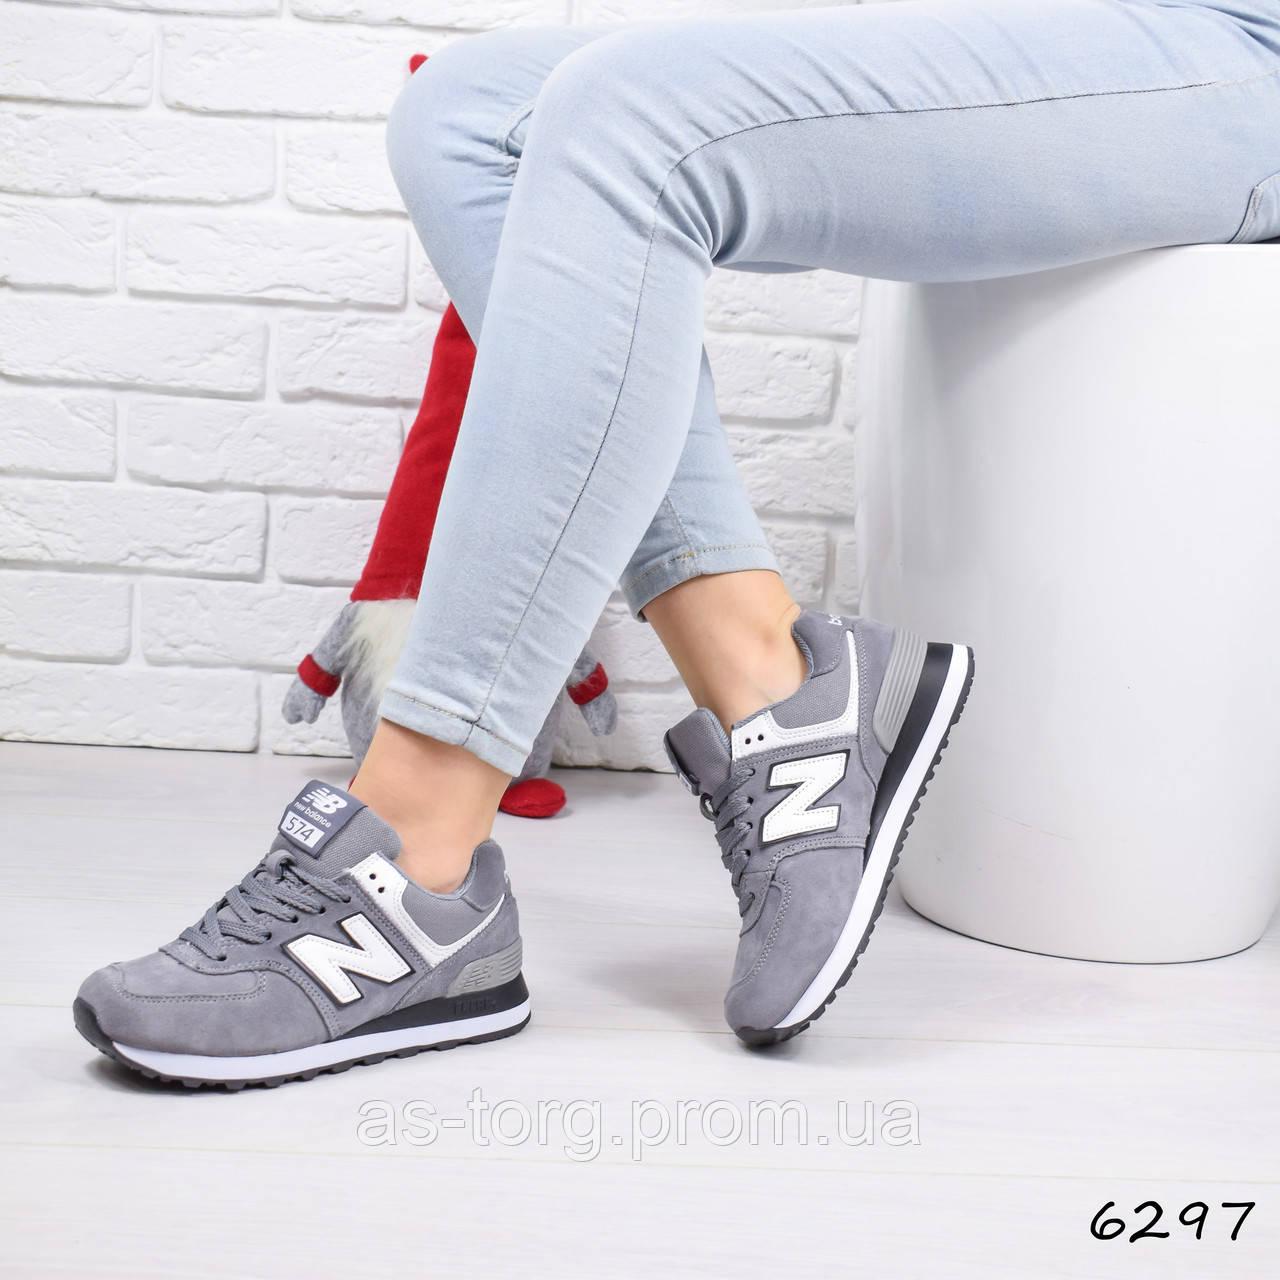 302e6c66b Кроссовки Женские New Balance Серые 6297, Спортивная Обувь — в Категории